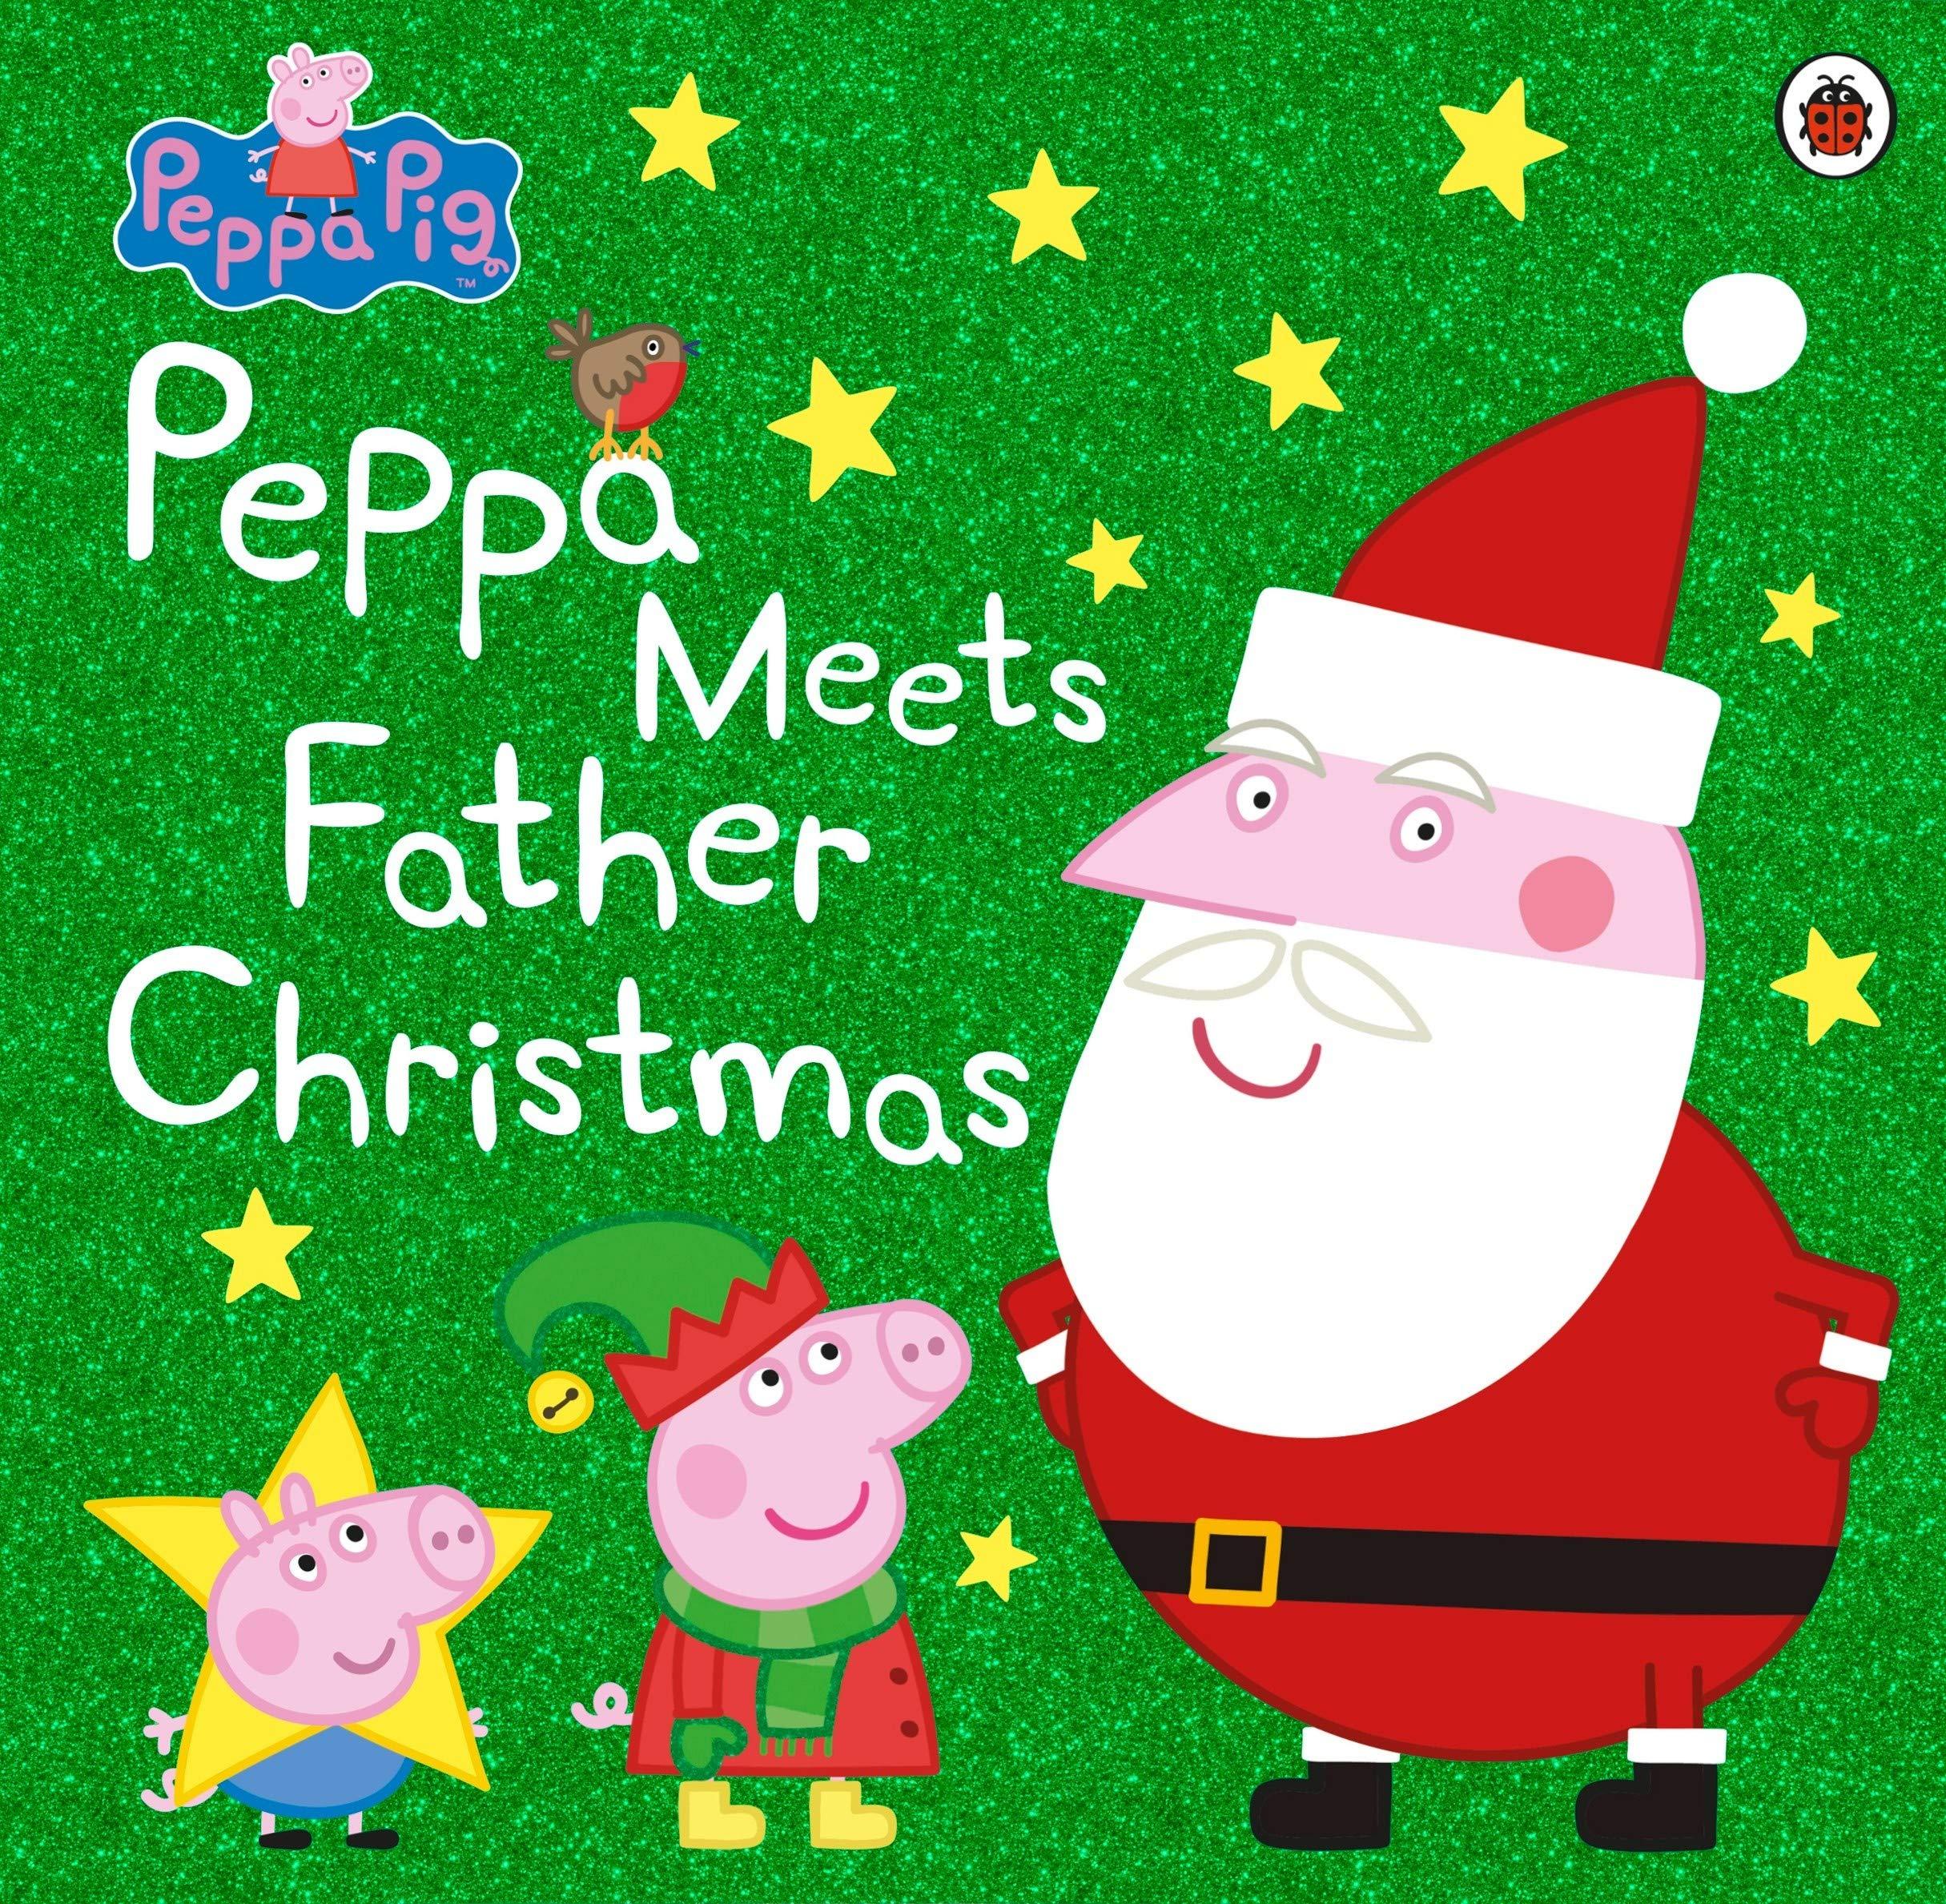 Christmas Pig.Peppa Pig Peppa Meets Father Christmas Amazon Co Uk Peppa